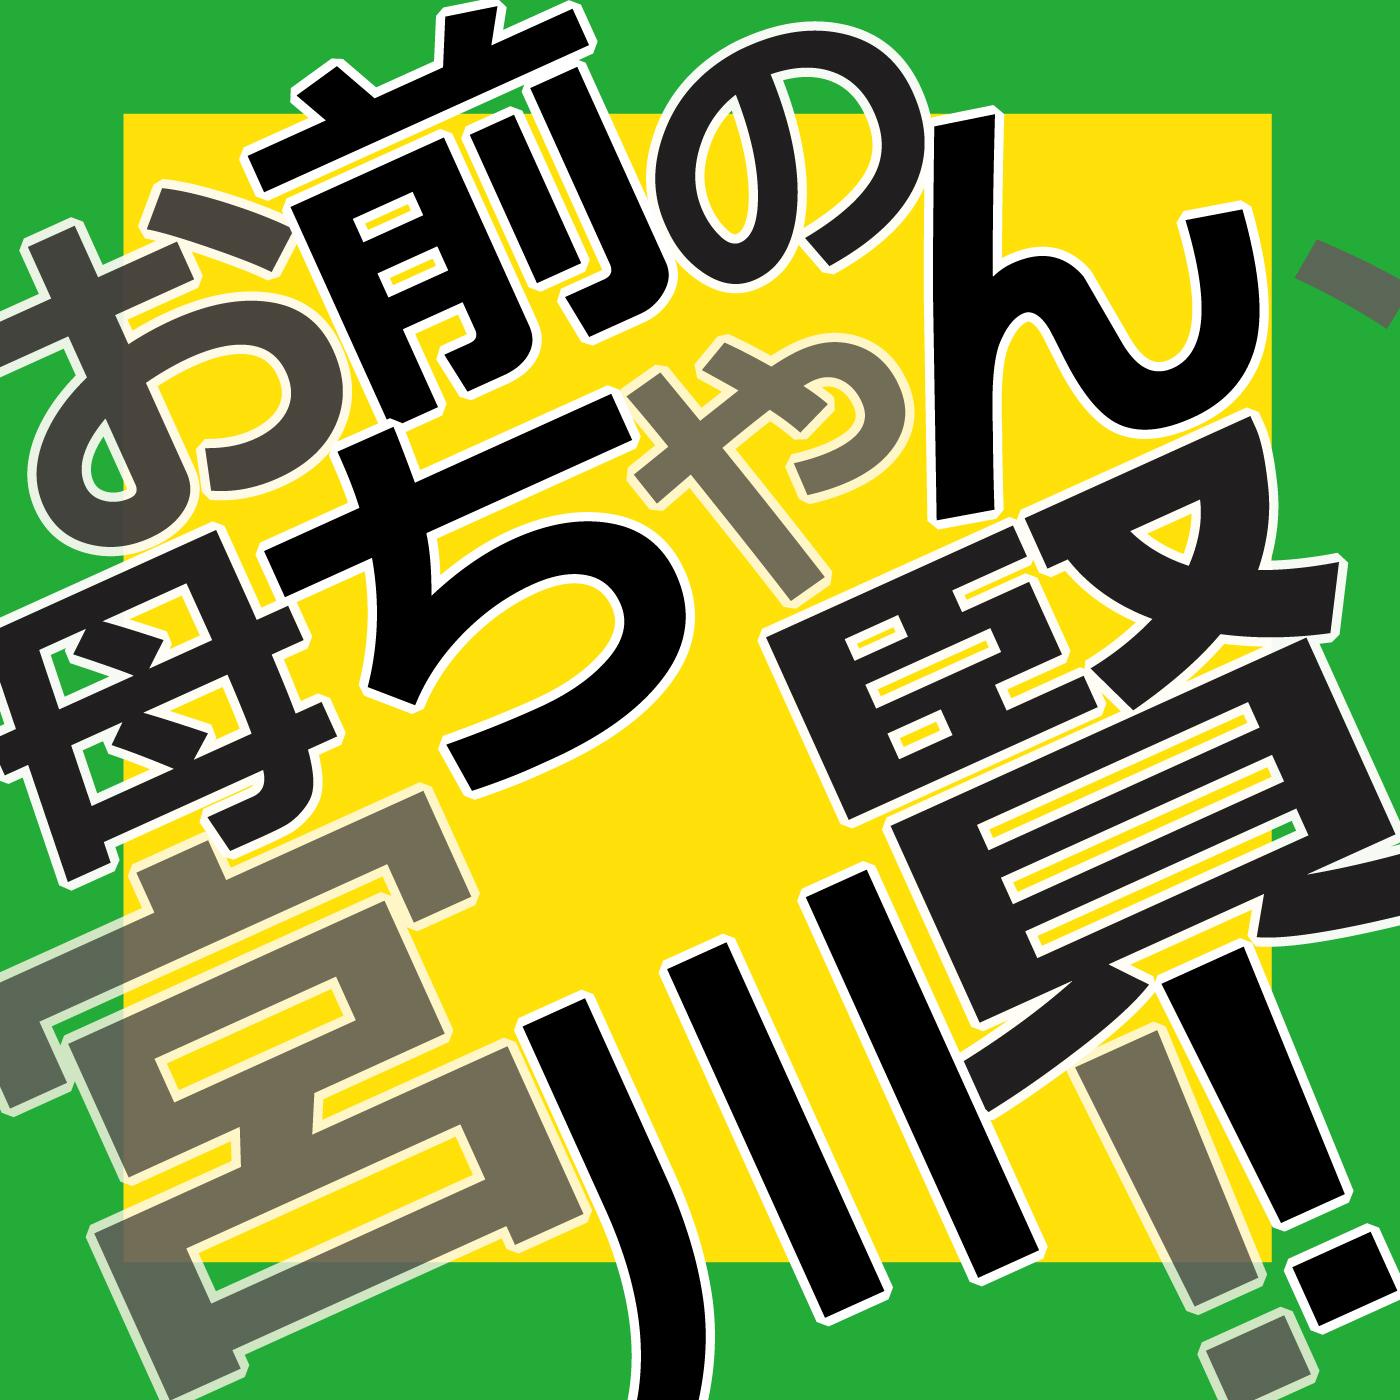 Miyacolor.info